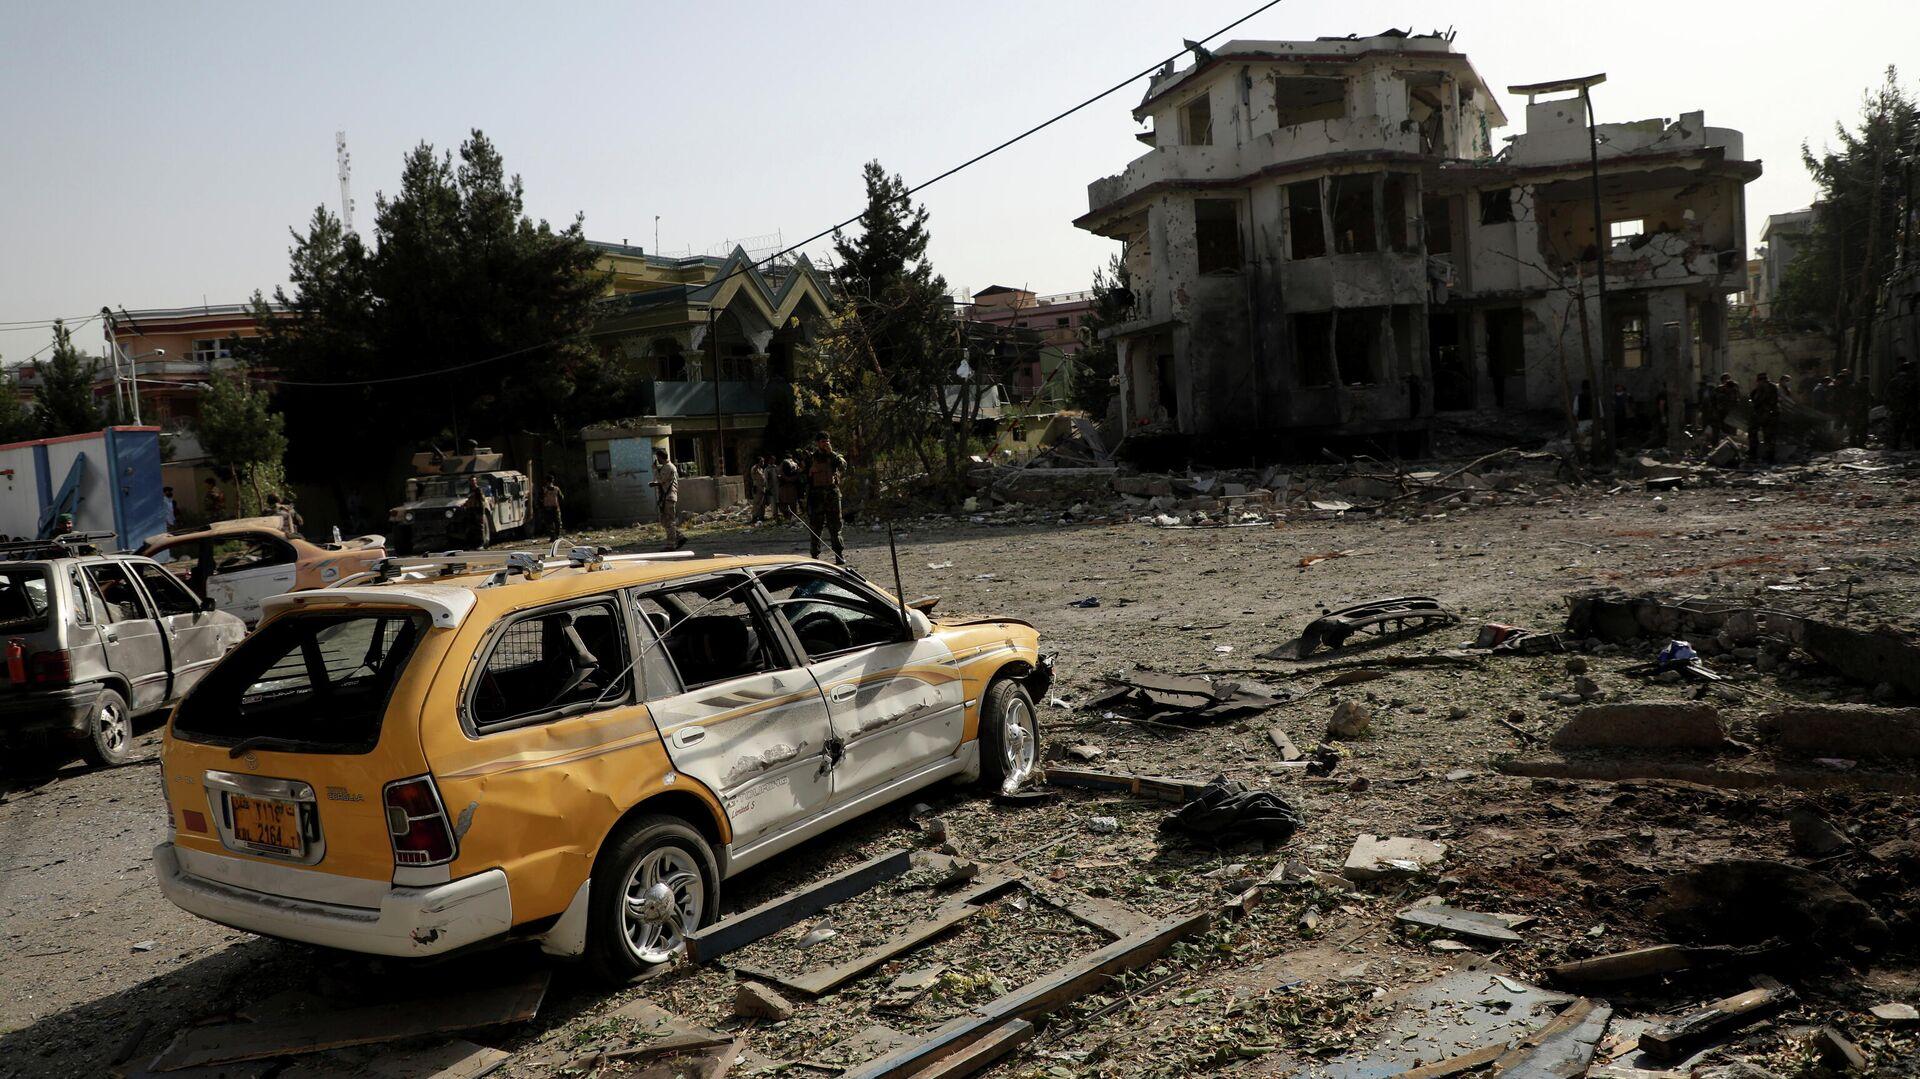 Последствия взрыва заминированного автомобиля в Кабуле - РИА Новости, 1920, 04.08.2021